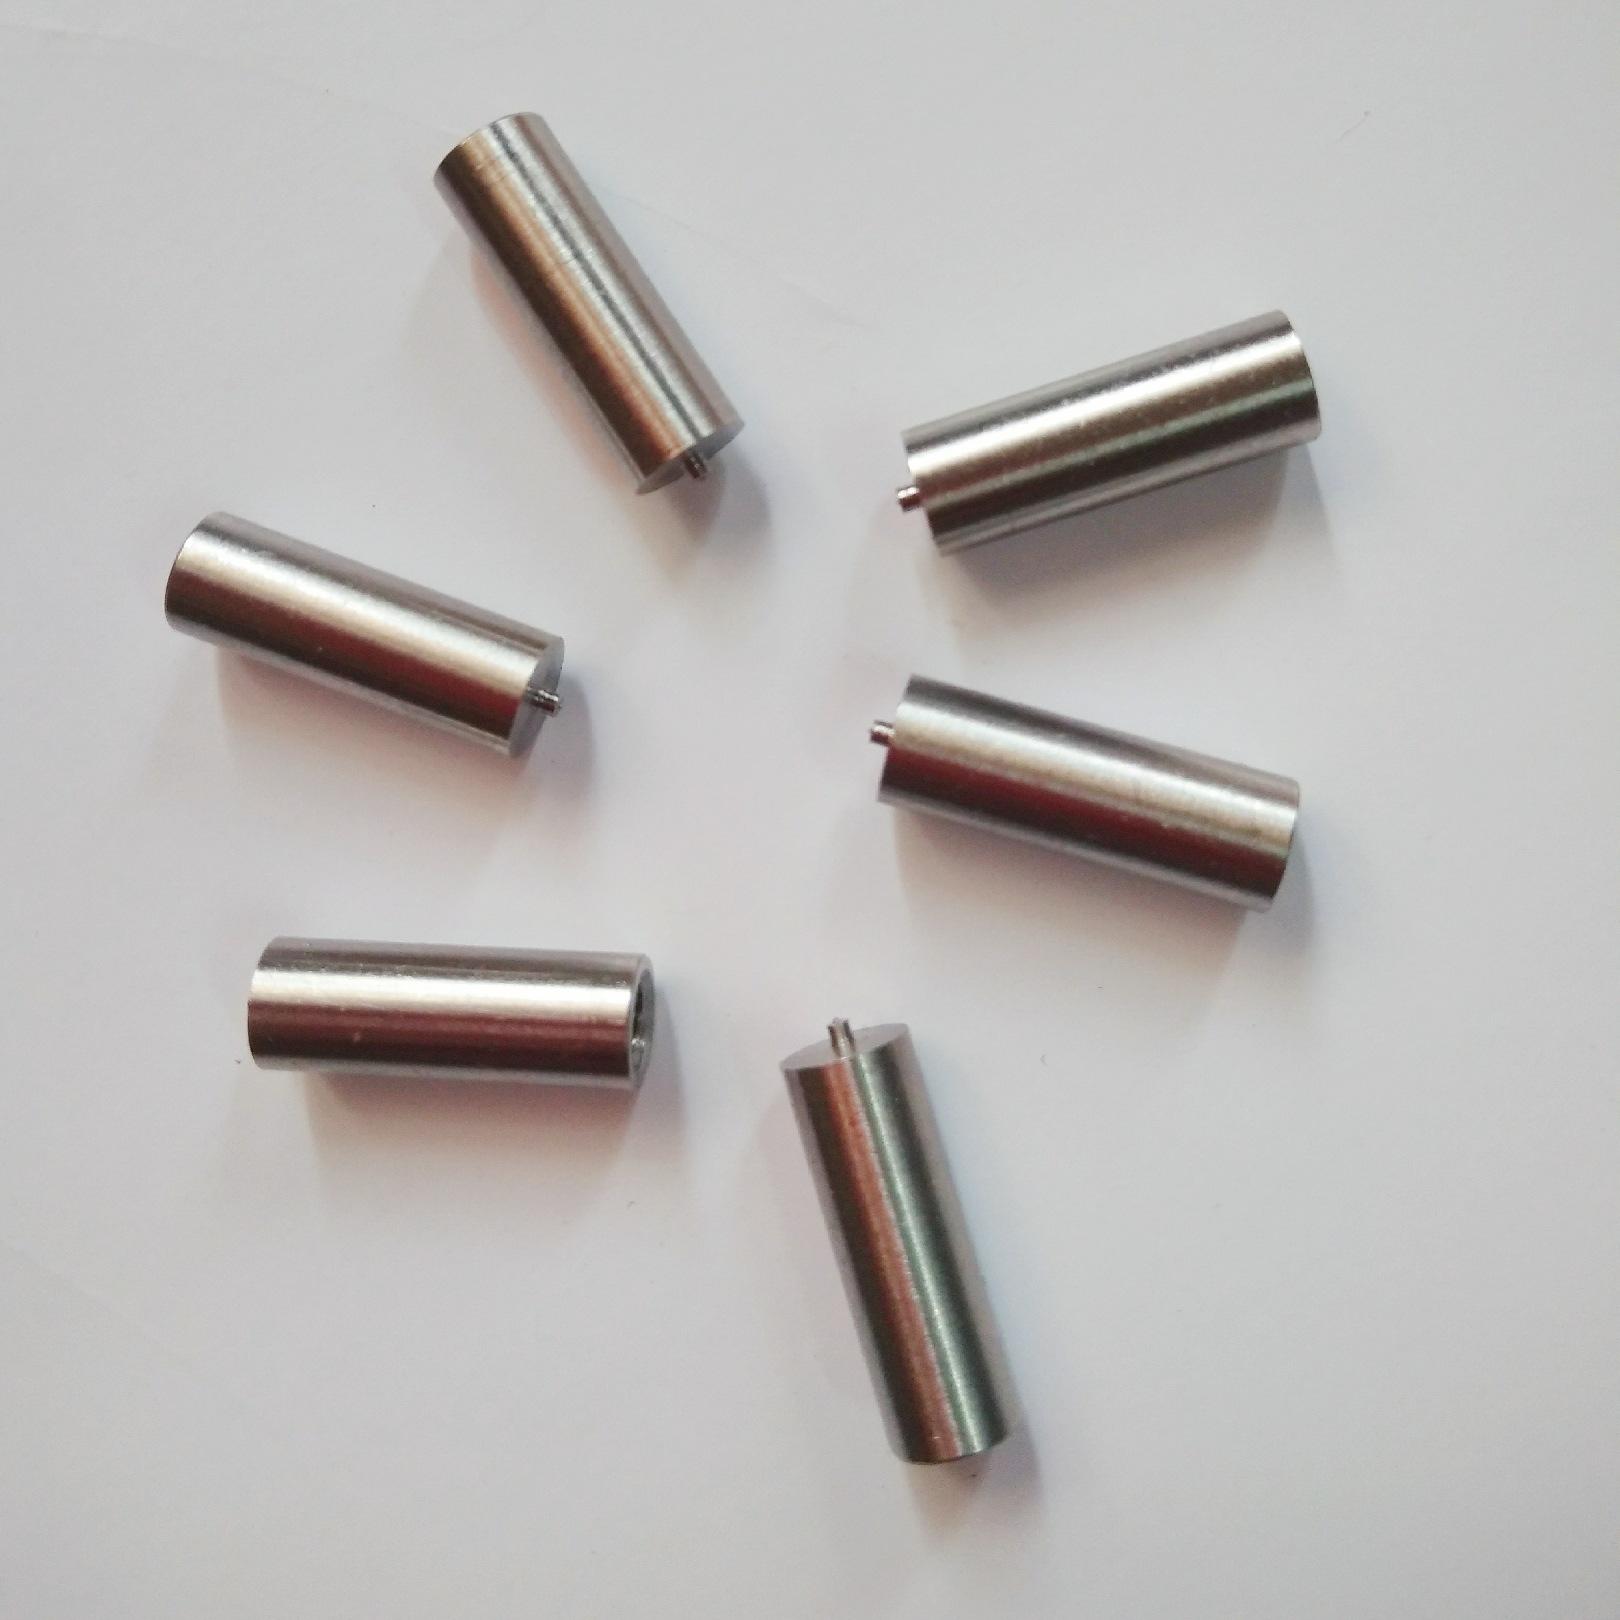 销售不锈钢焊接螺母柱 种焊螺母柱,标准螺柱焊接,储能焊接螺母